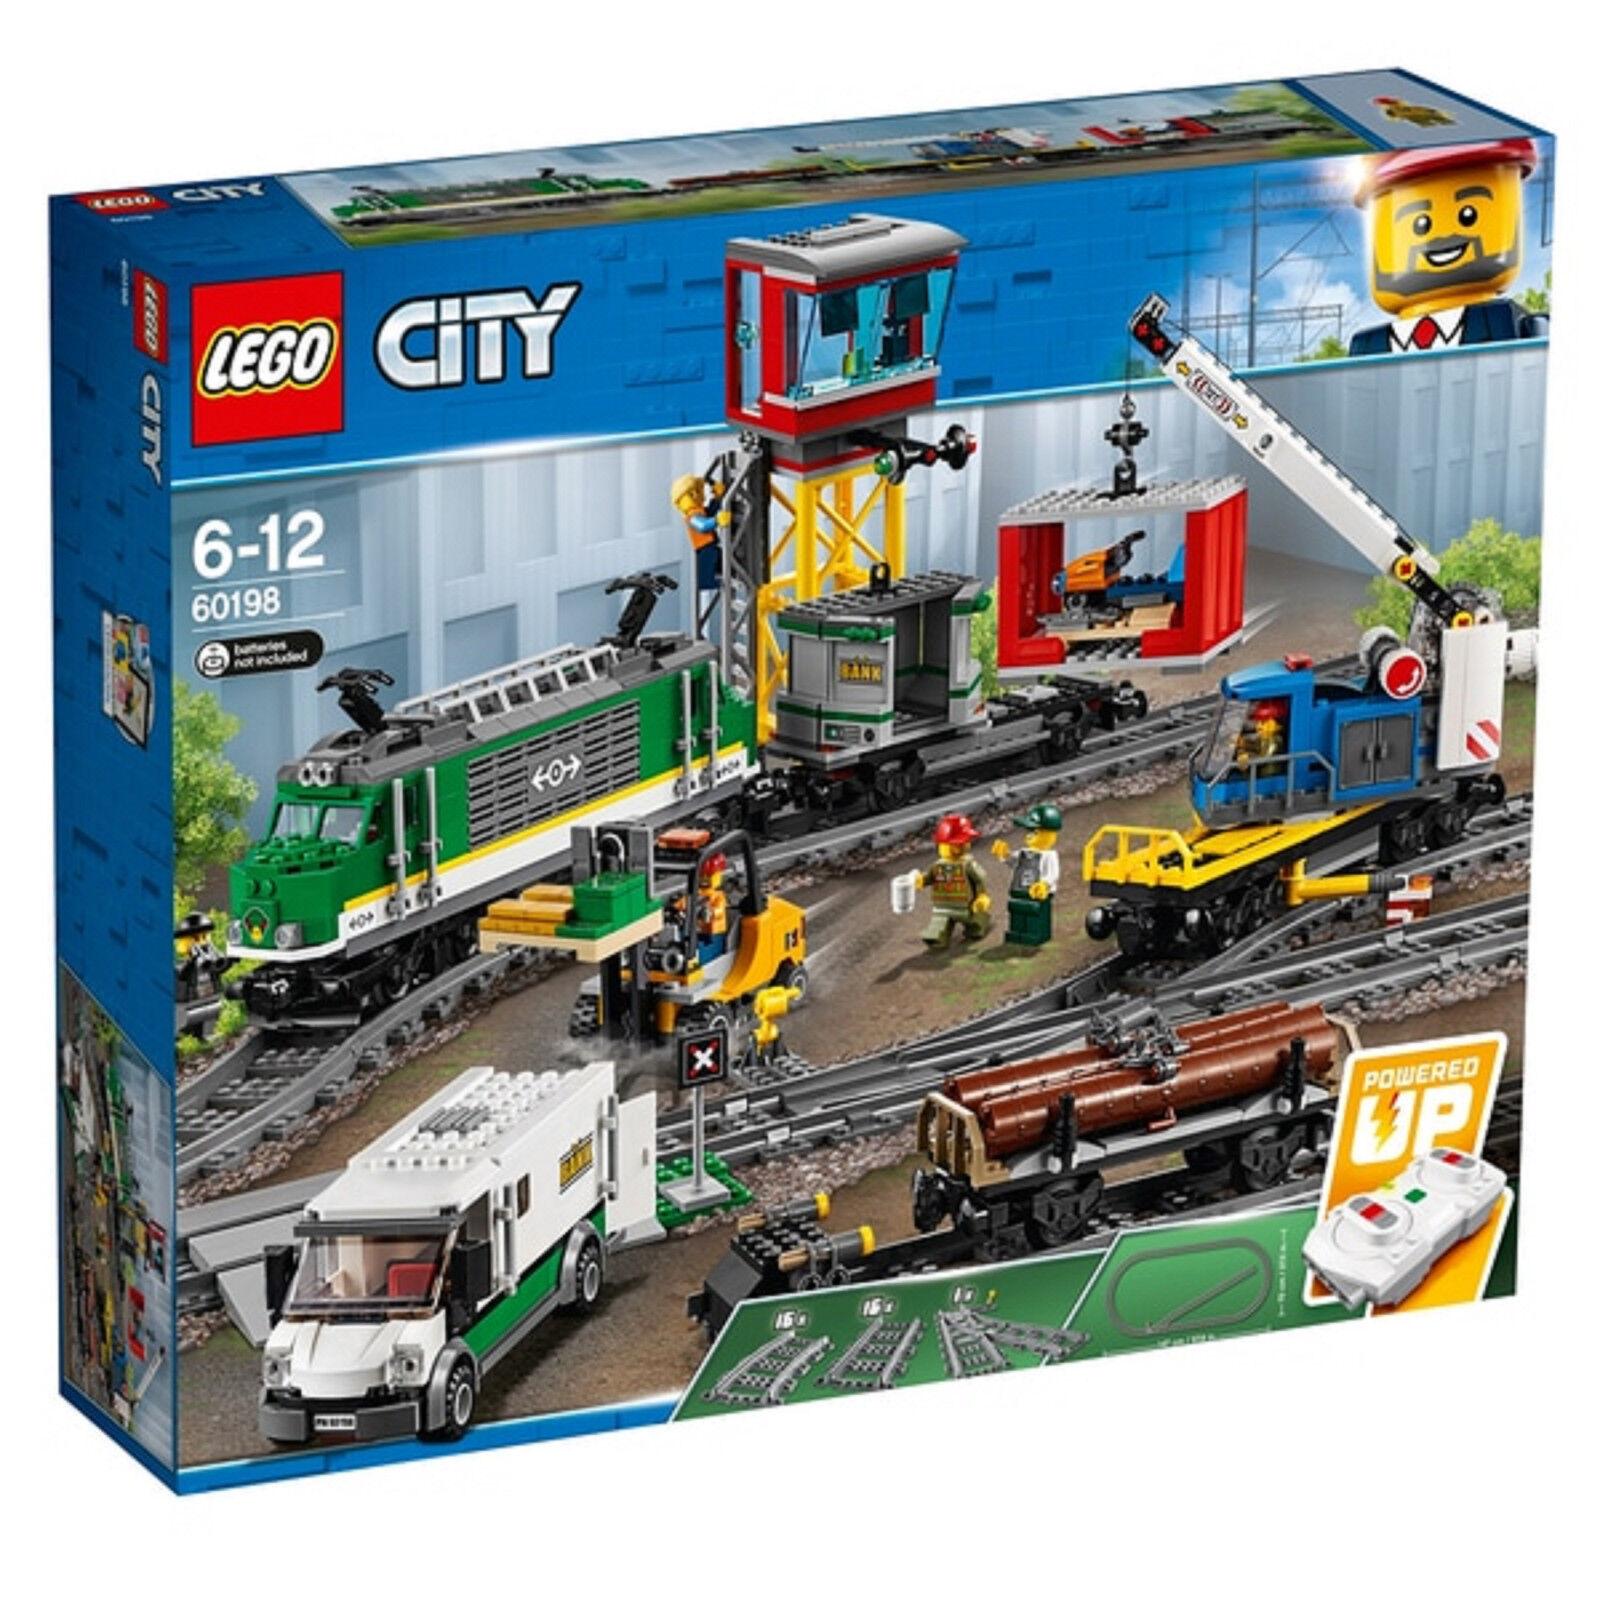 Lego ciudad 60198 tren de carga rc y pistas edificio Conjunto Nuevo